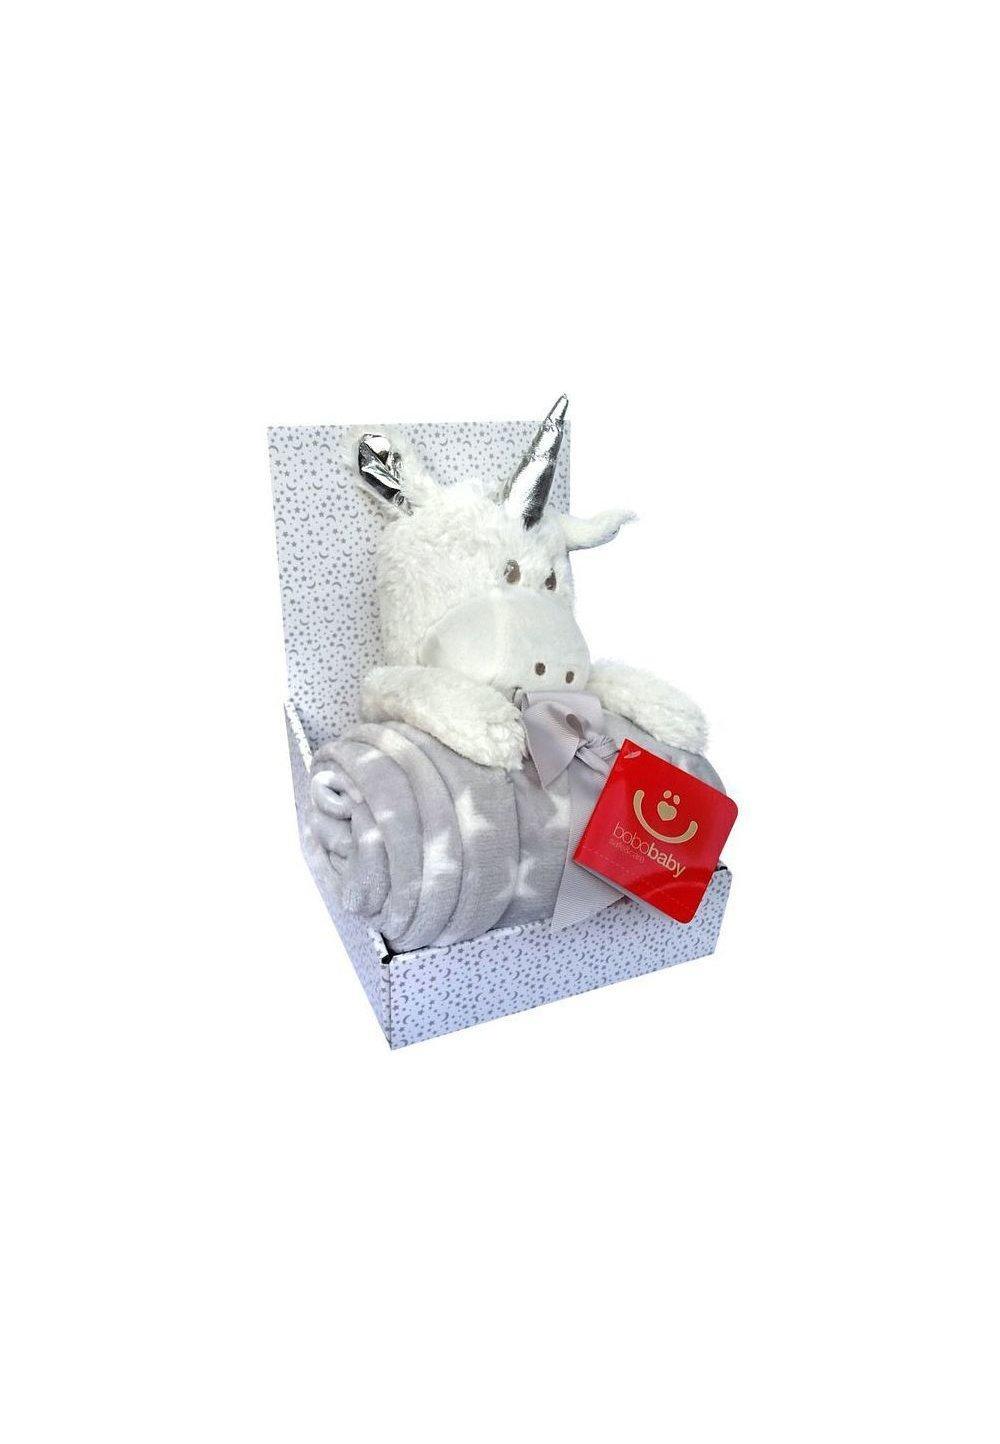 Paturica cu jucarie, unicorn alb de plus, 75x100 cm